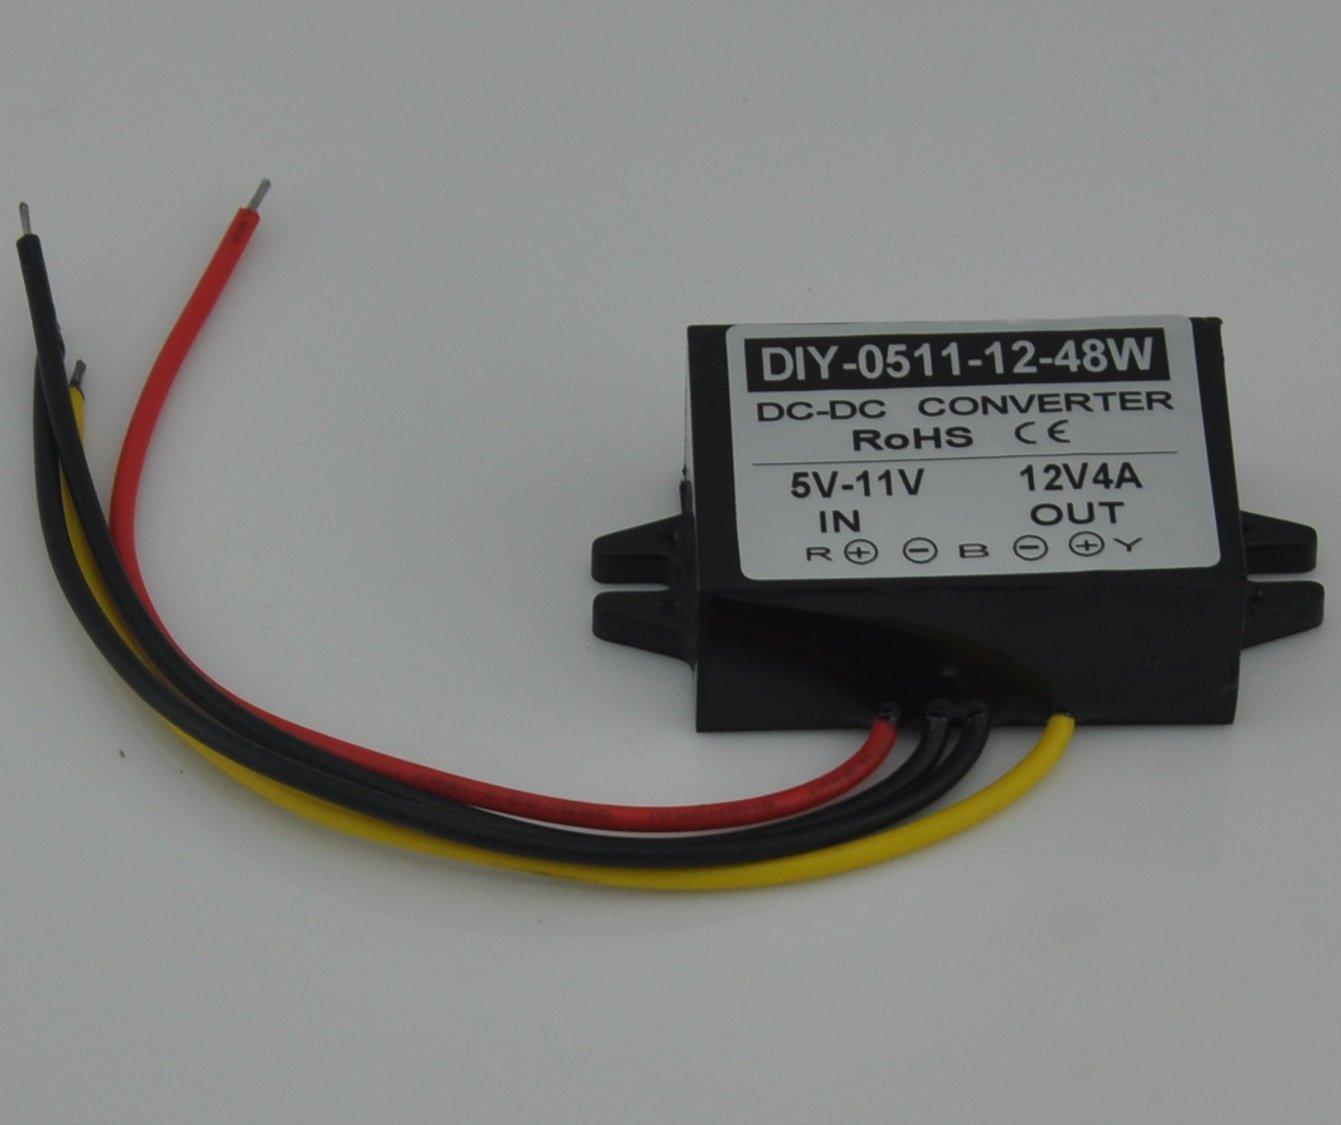 Cheap 12v To 48v Boost Find Deals On Line At 20v Dc Converter Circuit Wiring Get Quotations Step Up 5v 6v 7v 8v 9v 10v 11v 3a 4a